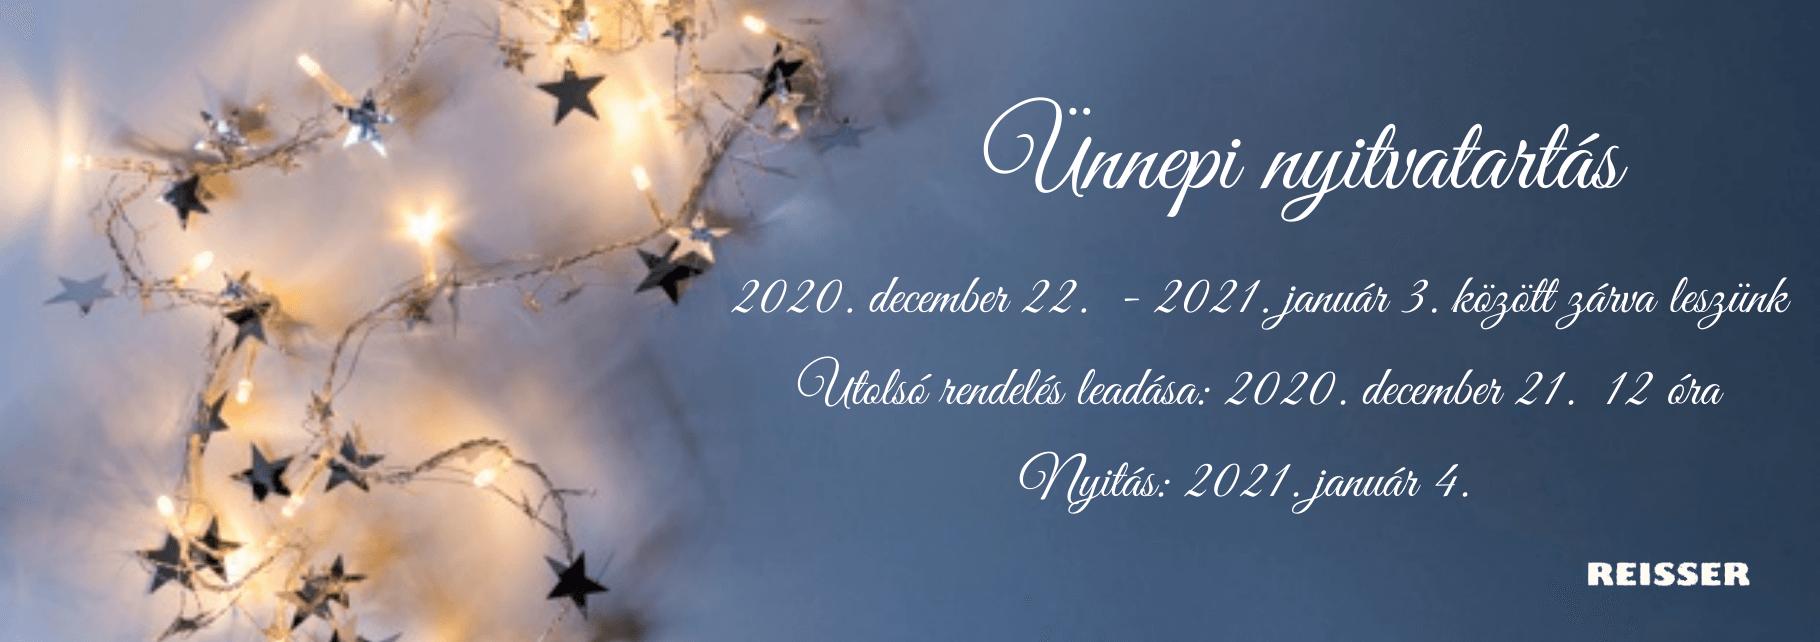 2020 december 22.-2021. január 3. között zárva leszünk. Utolsó rendelés leadása: 2020. december 21. 12 óra